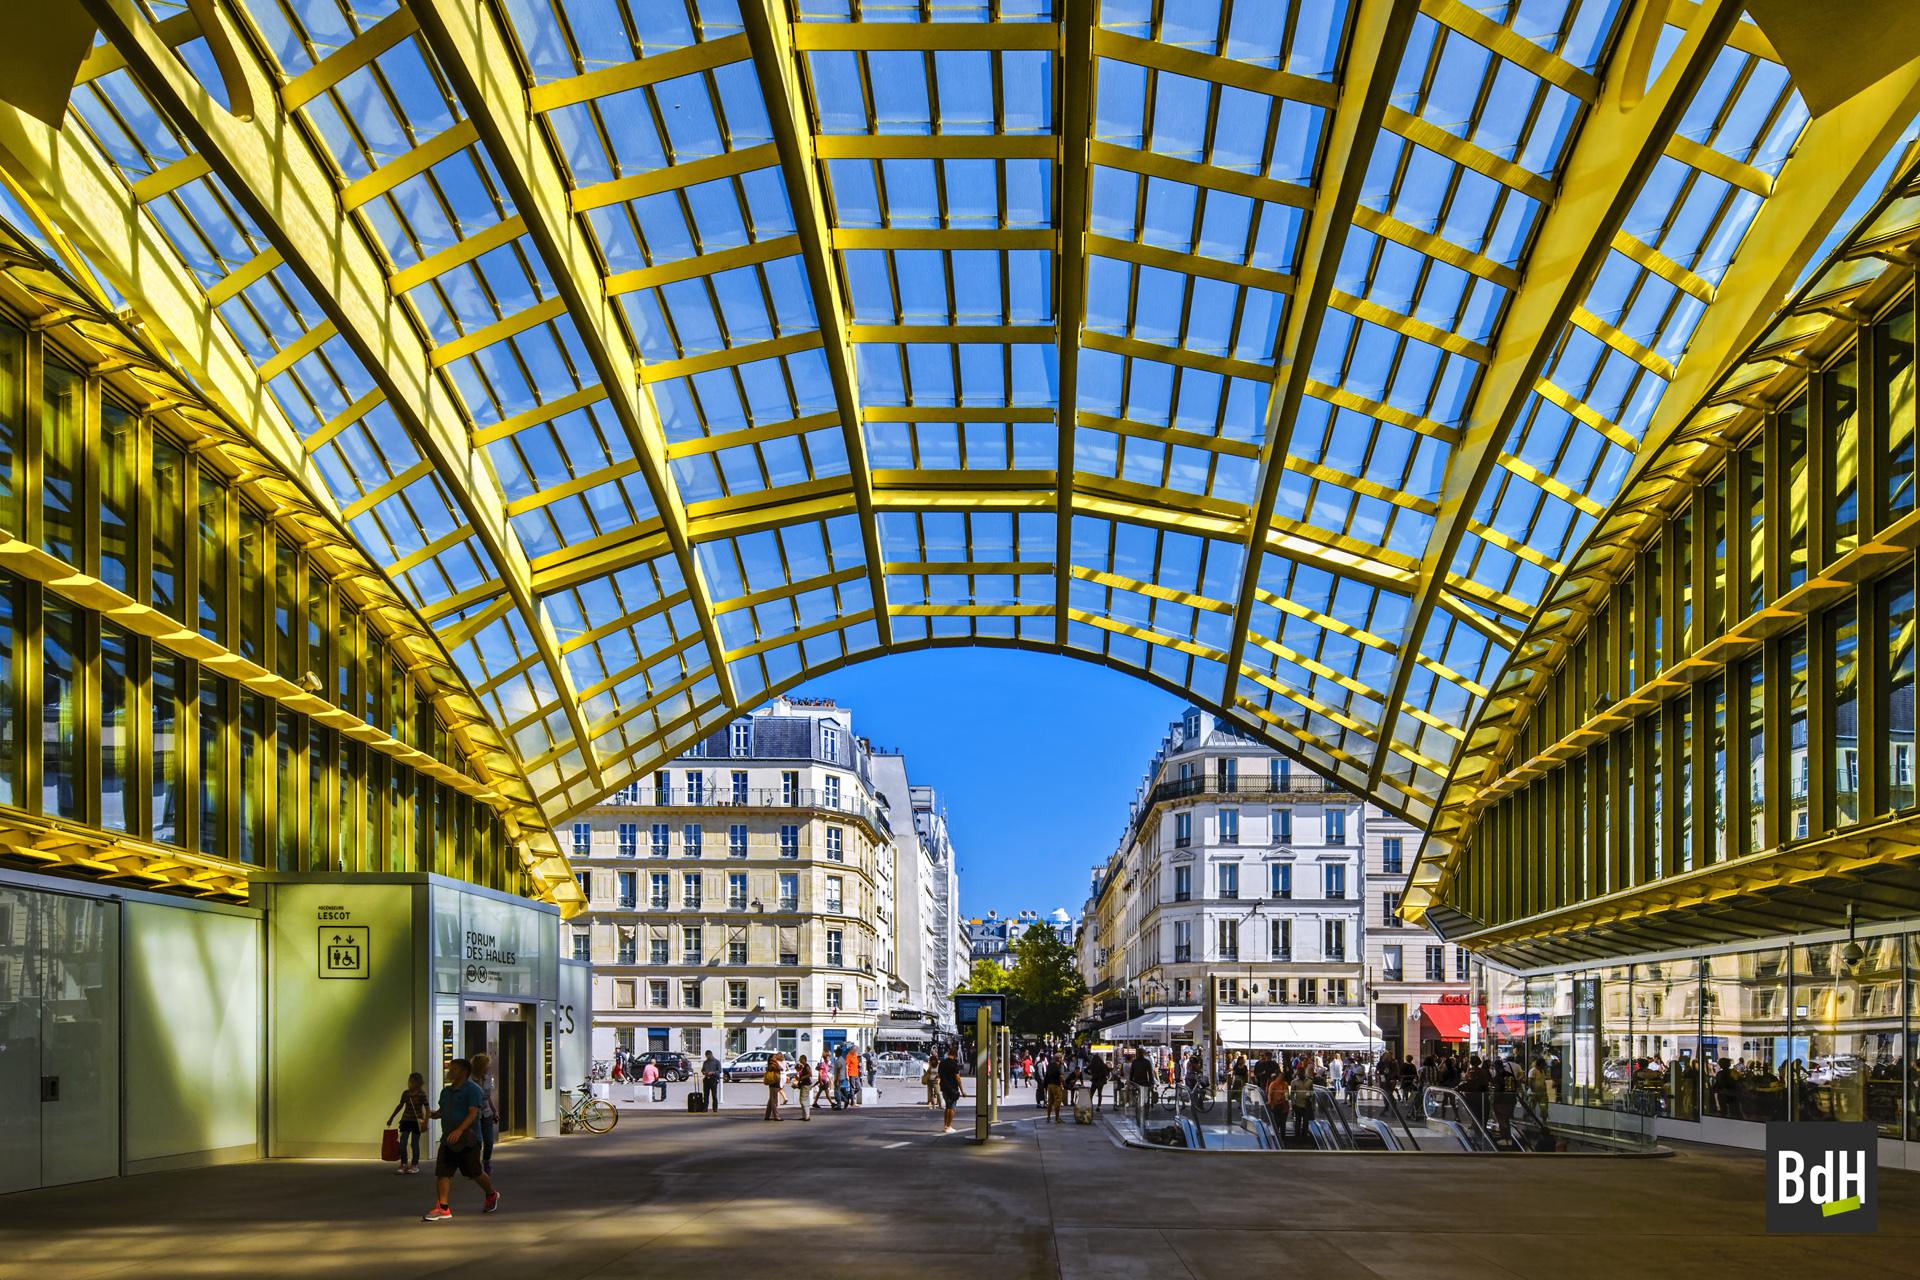 La Canopée du nouveau Forum des Halles le 22 Août 2016 à Paris.